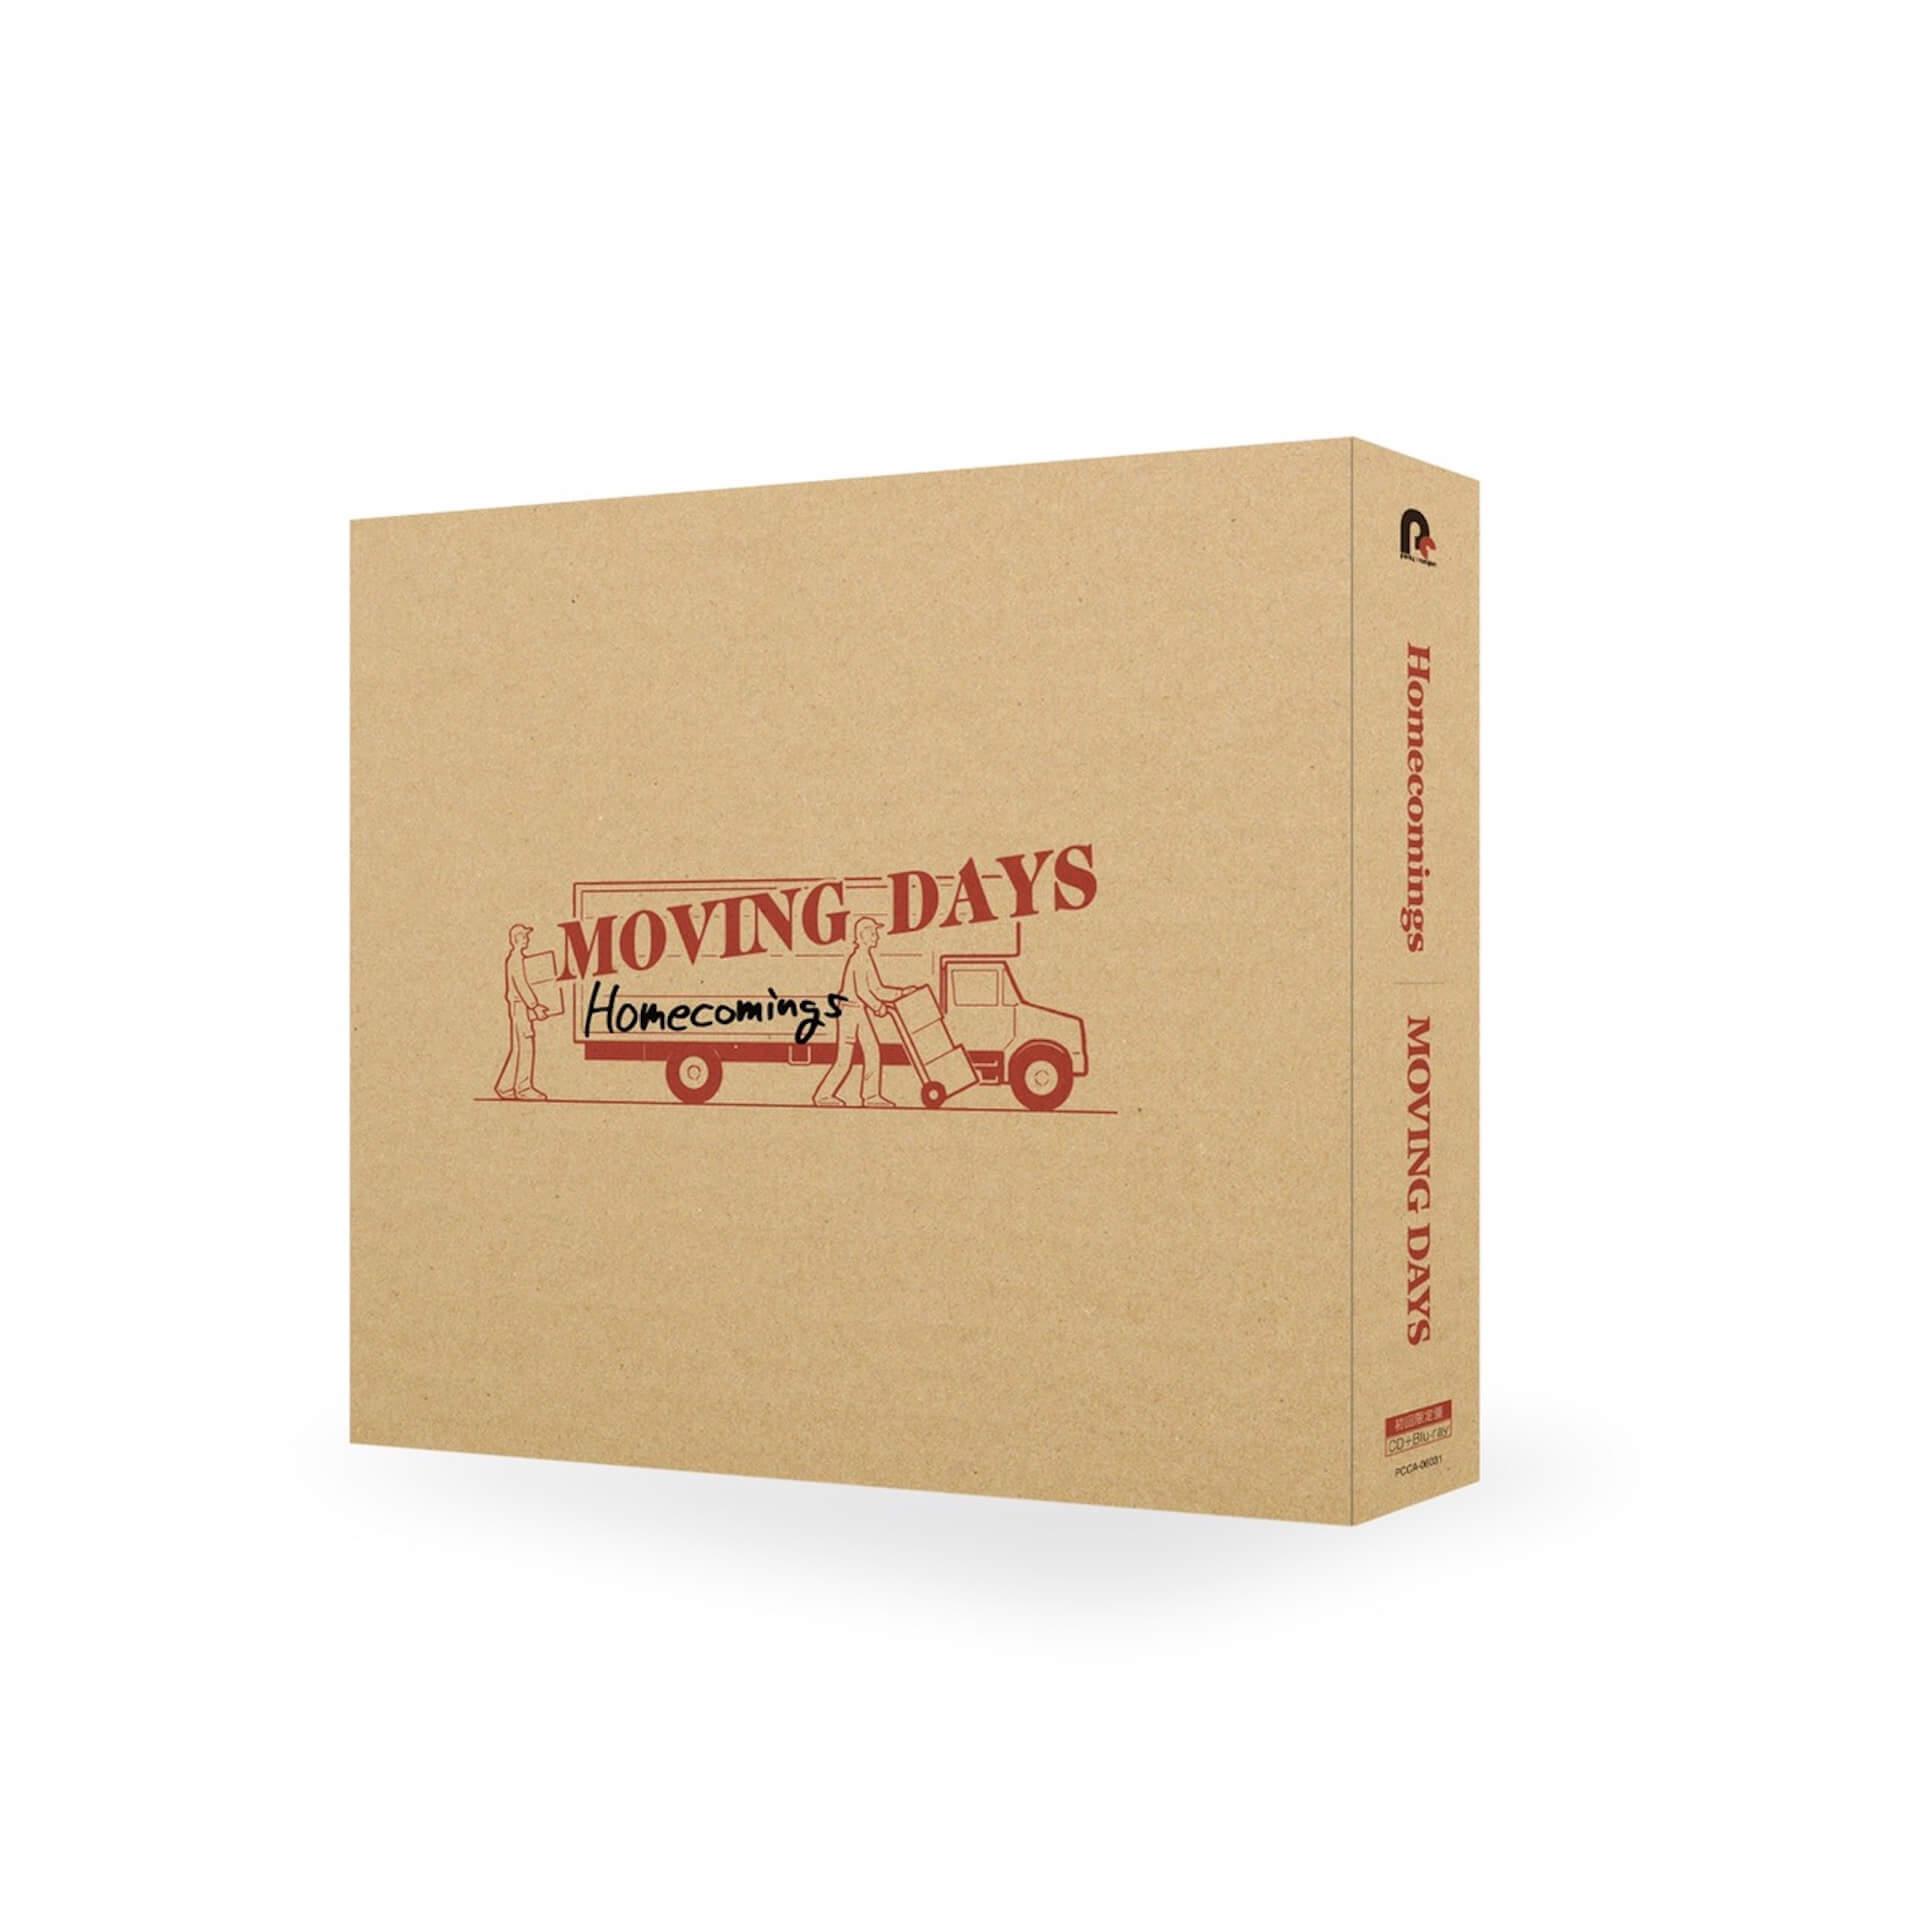 Homecomingsのメジャーデビューアルバム『Moving Days』全曲の一部を収録したクロスフェード動画が解禁! music210511_homecomings_4